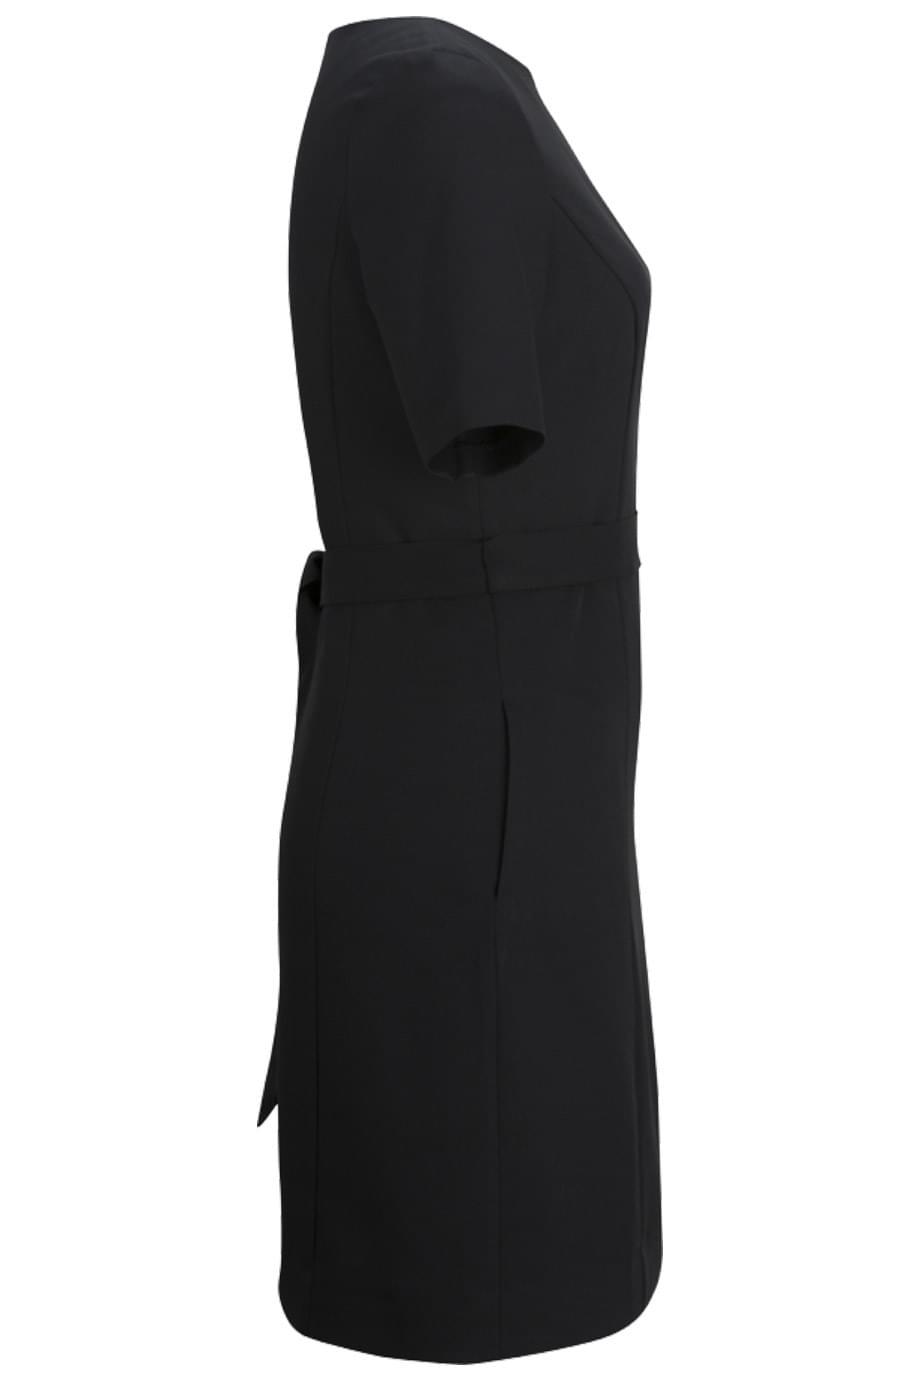 REDWOOD & ROSS® SYNERGY DRESS